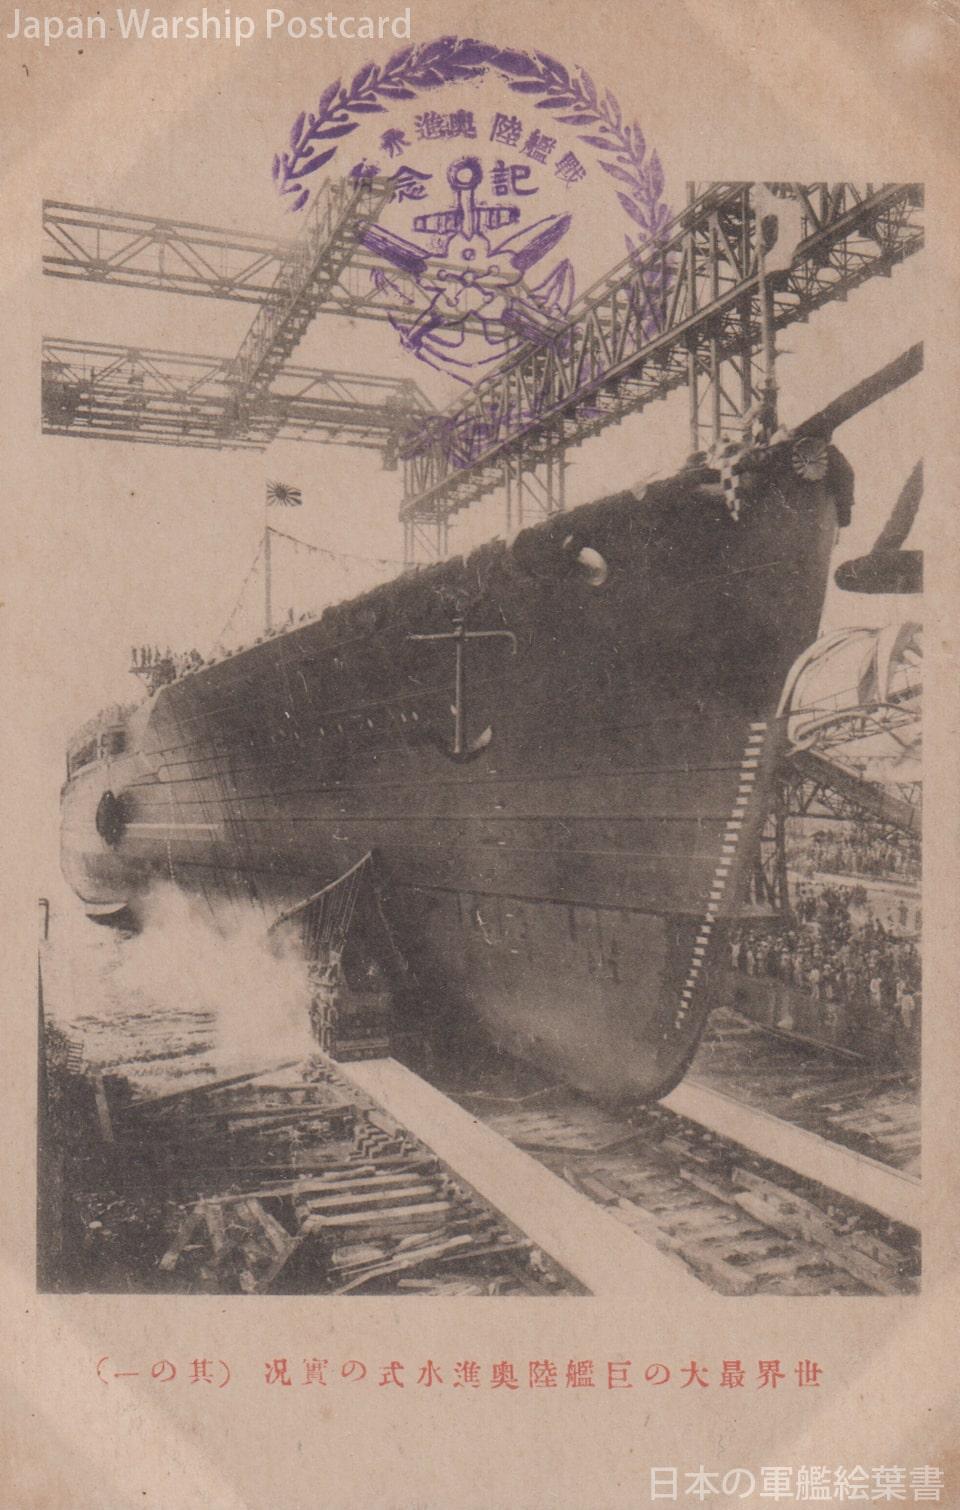 世界最大の巨艦陸奥進水式の実況(其の一)